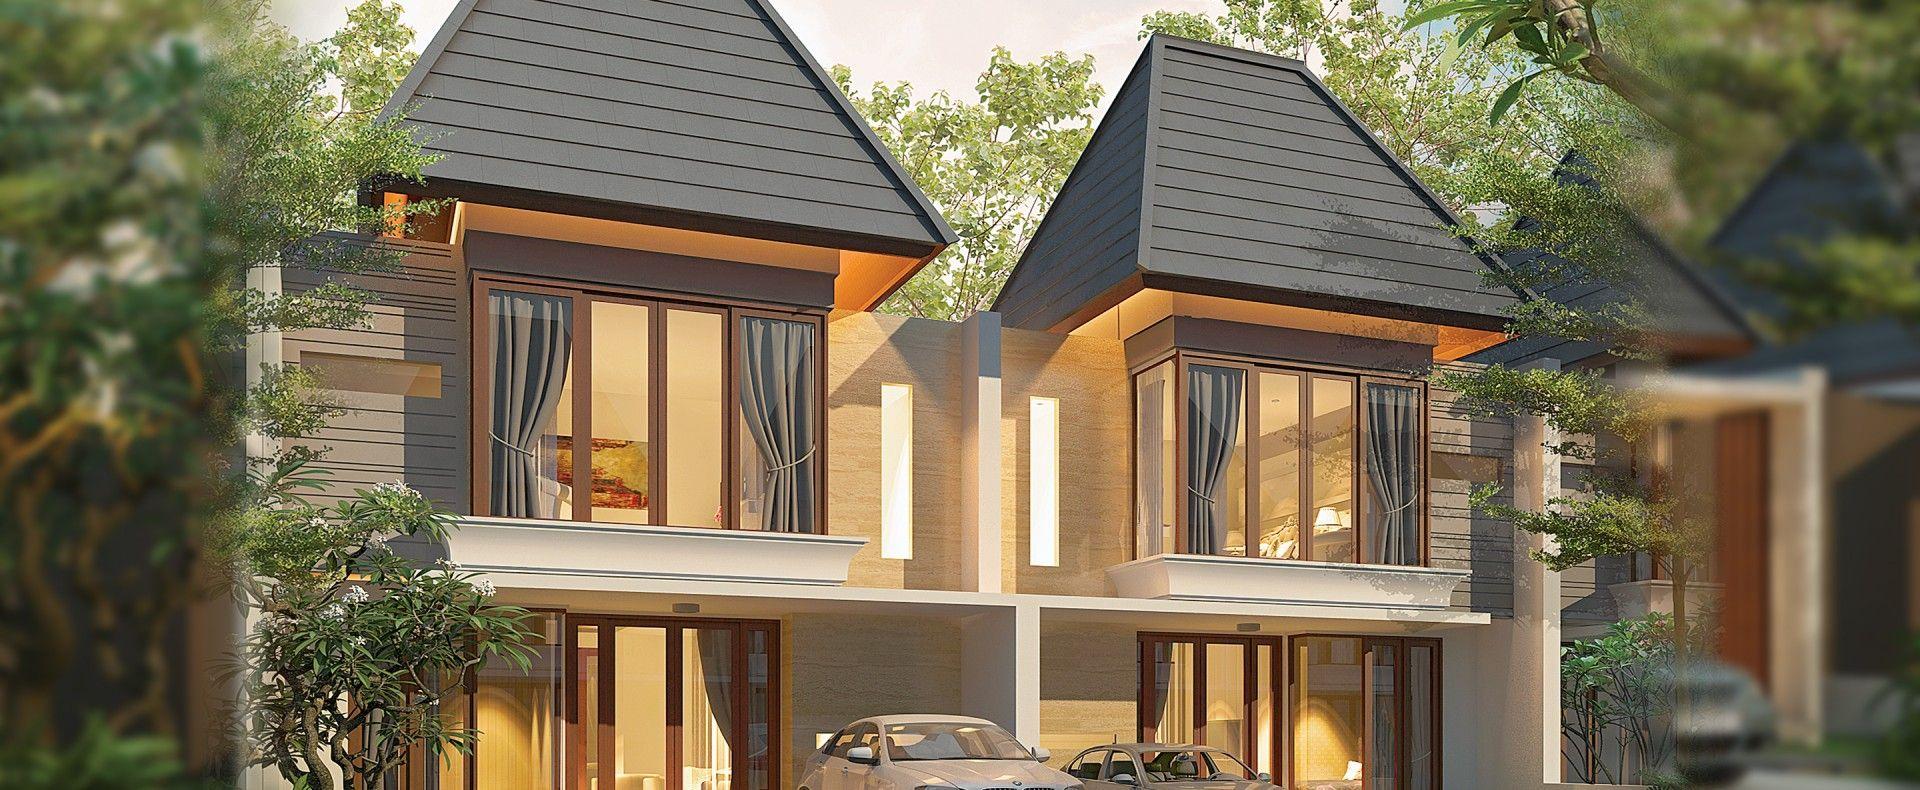 Desain Rumah Minimalis 2 Lantai Ada Kolam Renang   Huniankini